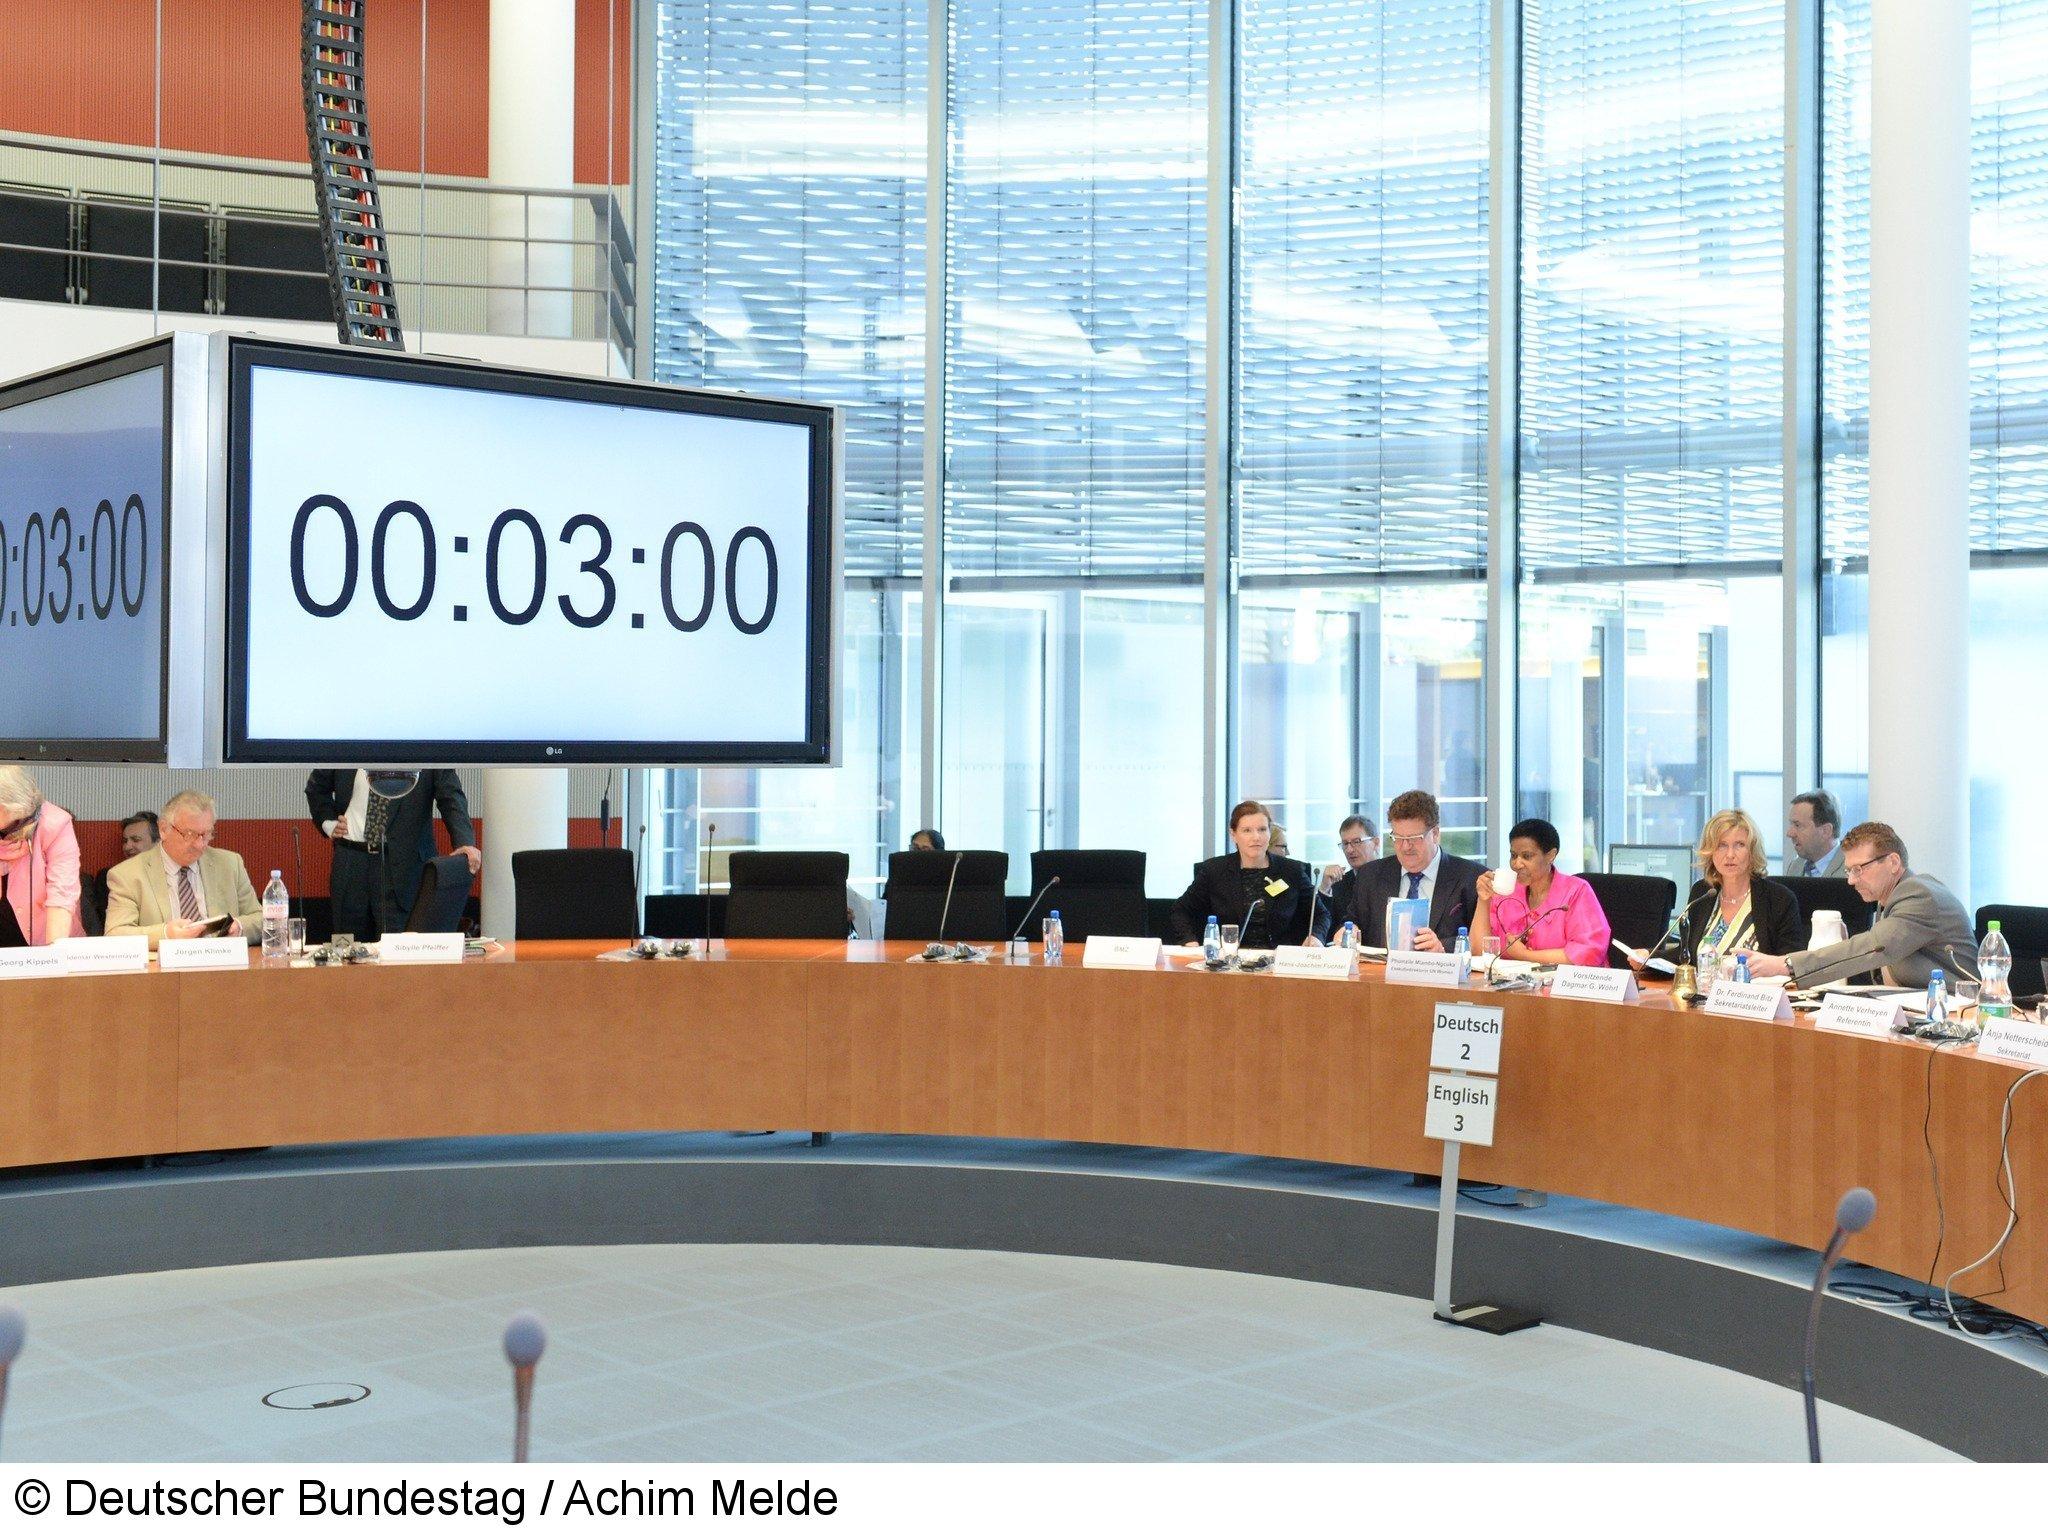 Sitzung im Bundestag in Berlin: Hacker haben sich sogar Administratorrechte verschafft. Offenbar muss die gesamte IT des Parlamentes neu aufgespielt werden.